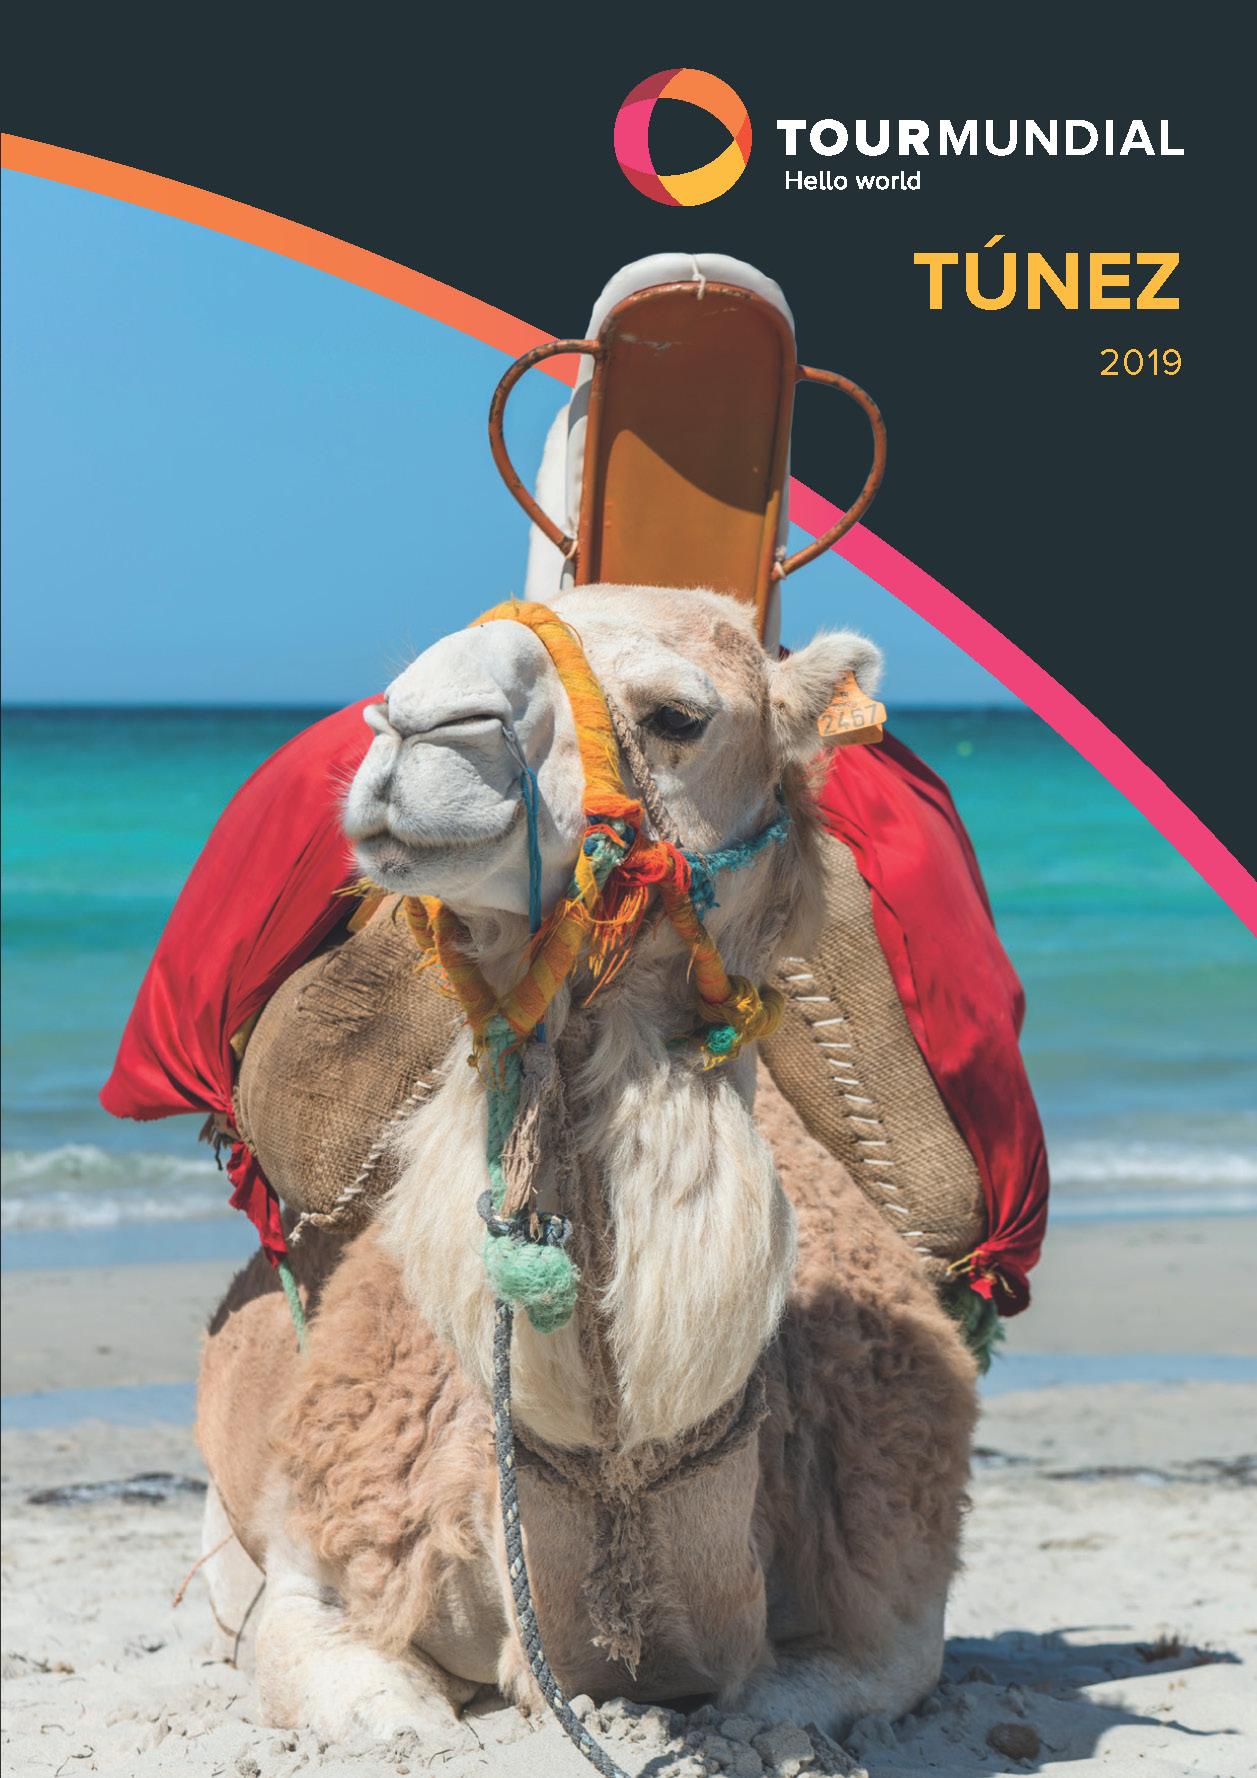 Catalogo Tourmundial Tunez 2019